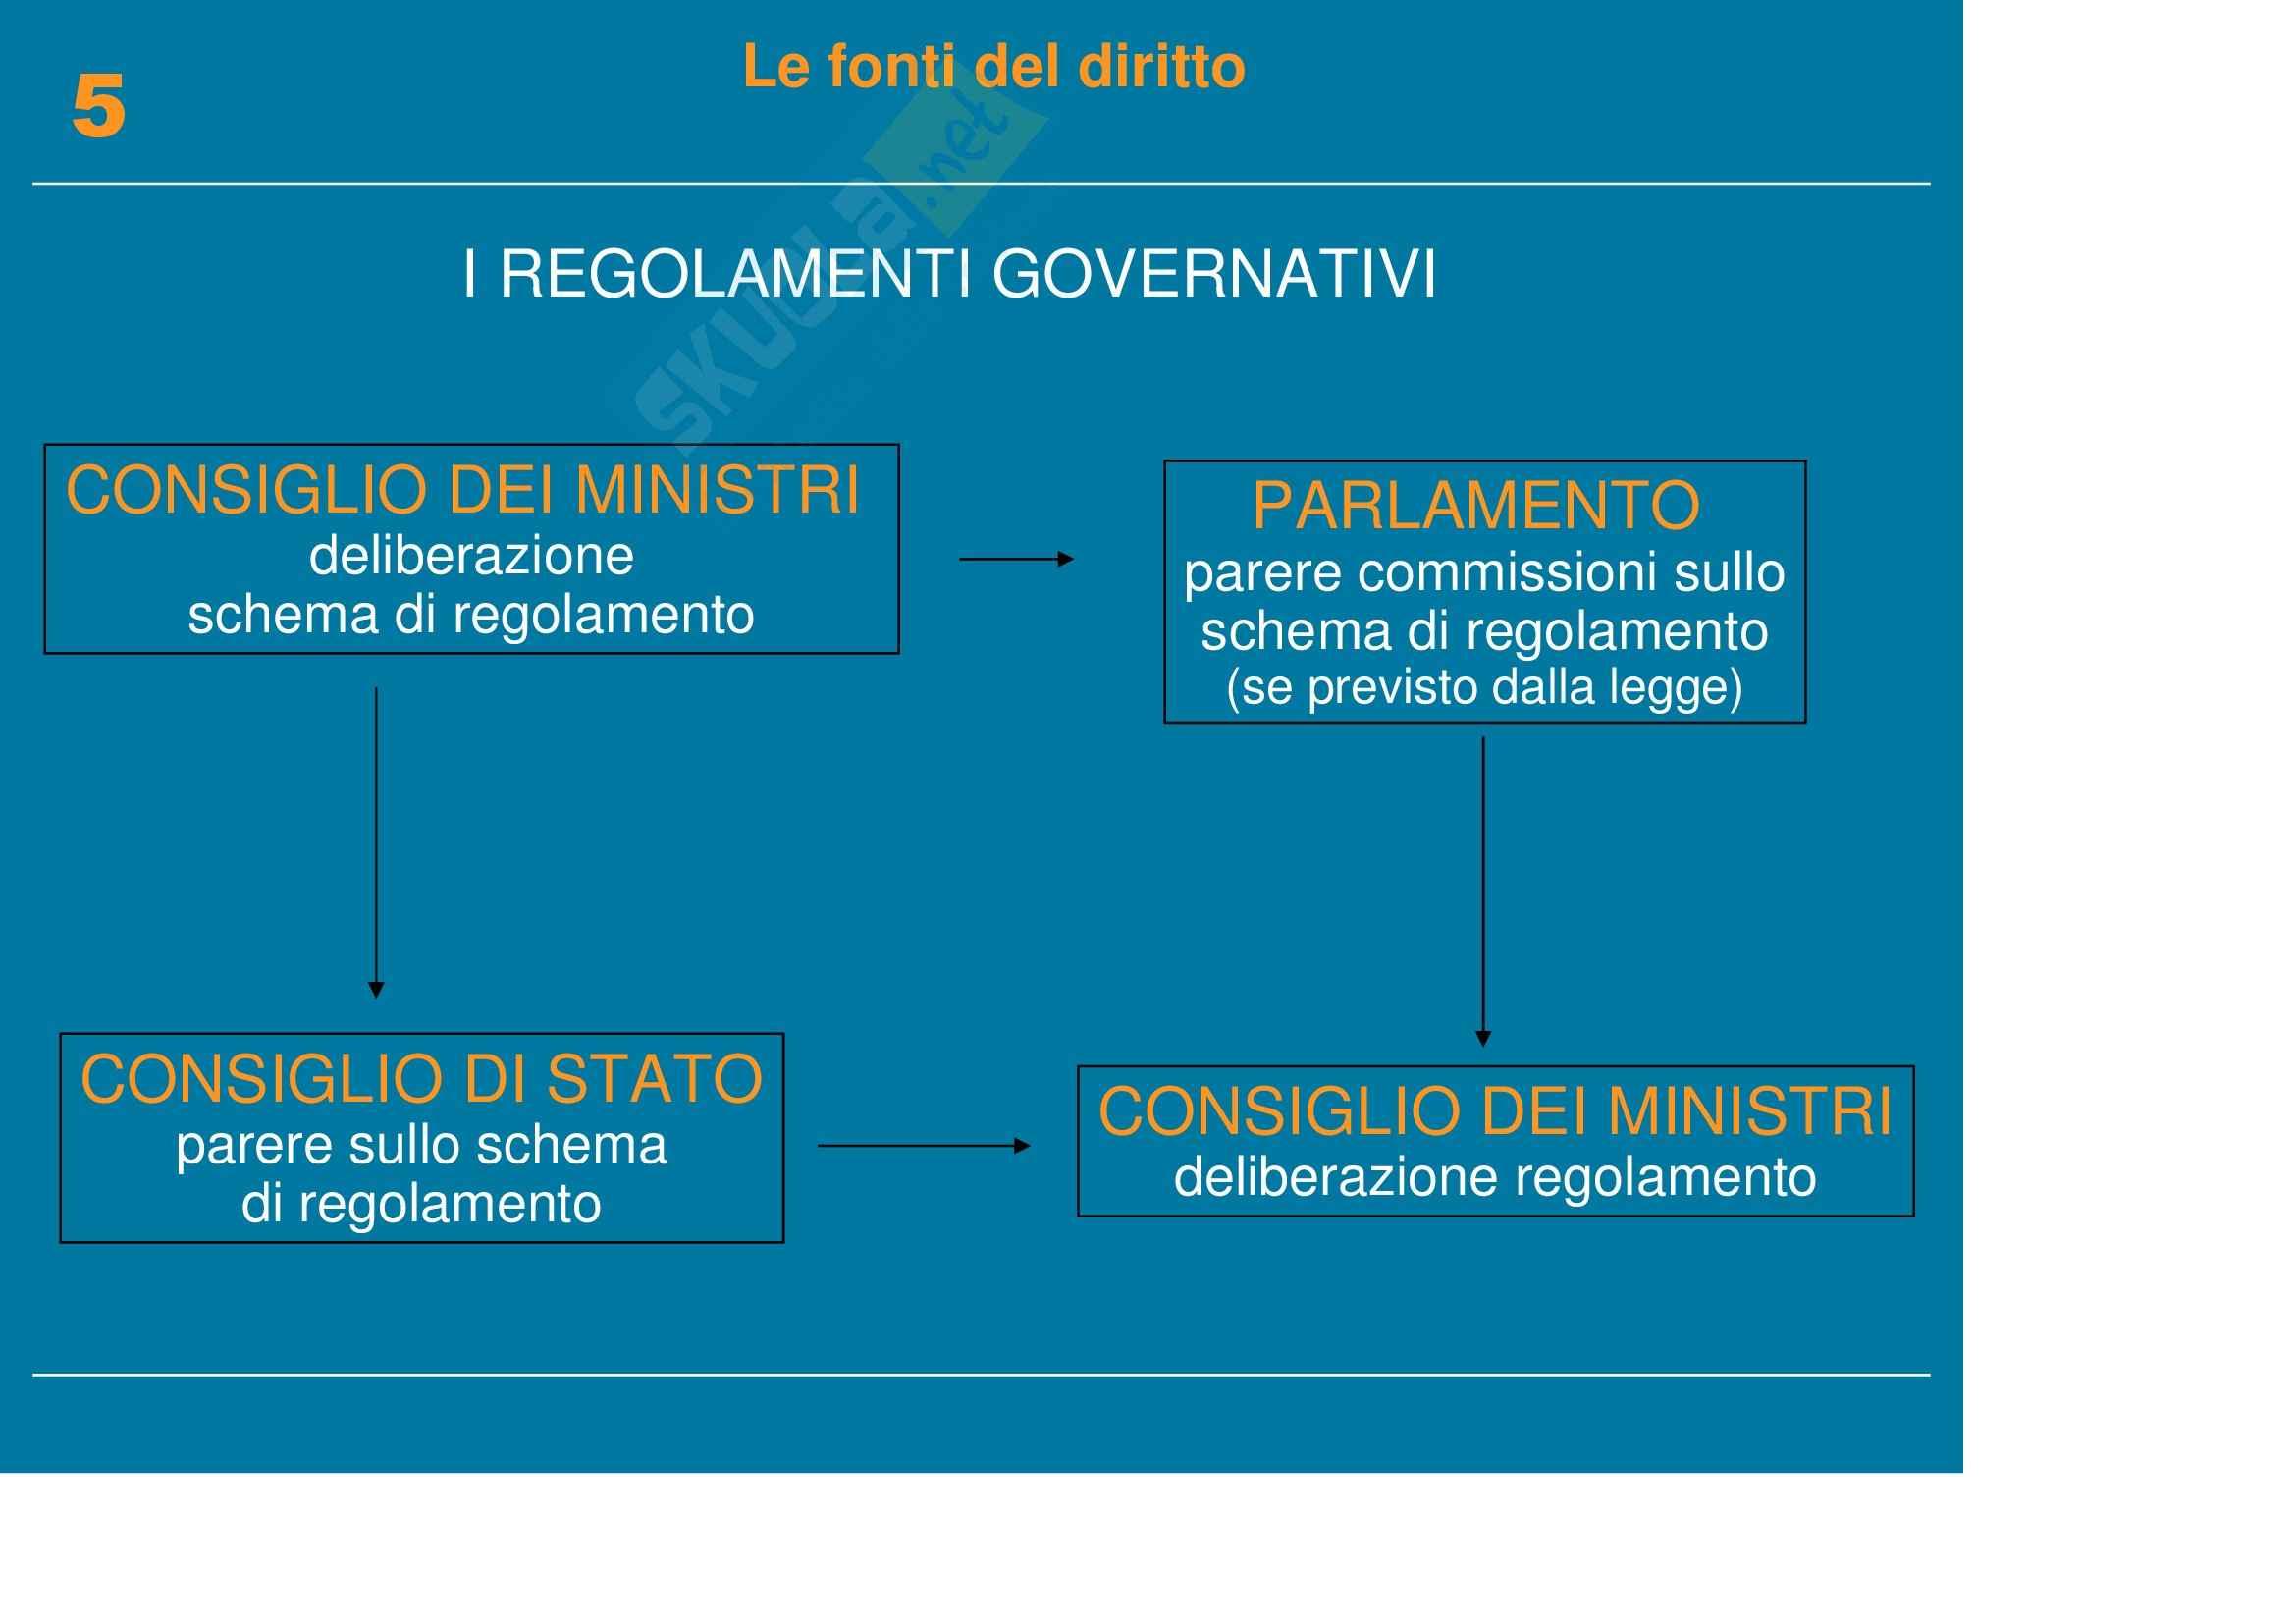 Diritto pubblico, dell'informazione e della comunicazione - le fonti del diritto Pag. 16